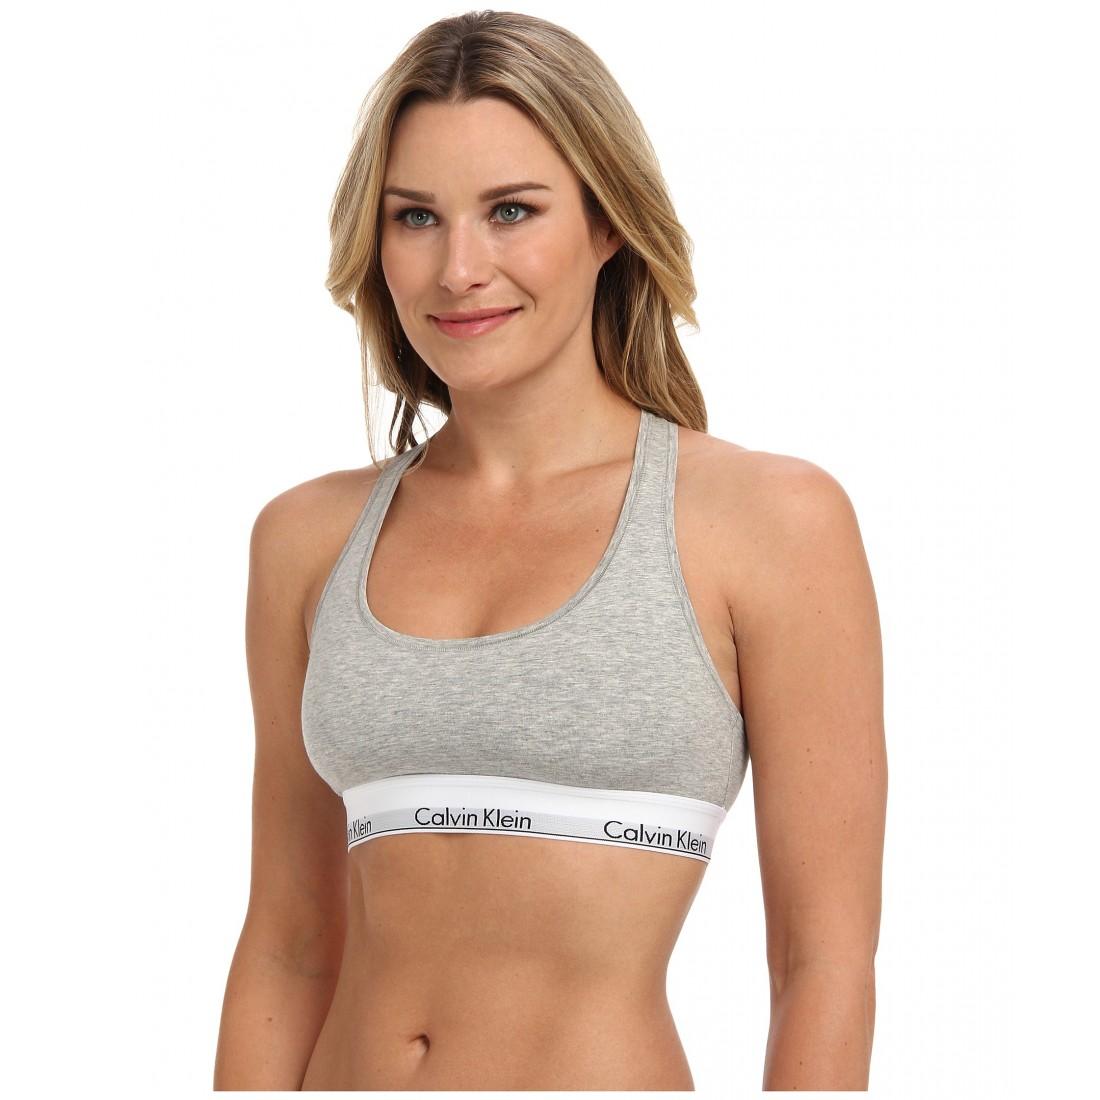 fbb3a6c4b8d Calvin Klein Underwear Modern Cotton Bralette F3785 ZPSKU 8317898 Grey  Heather